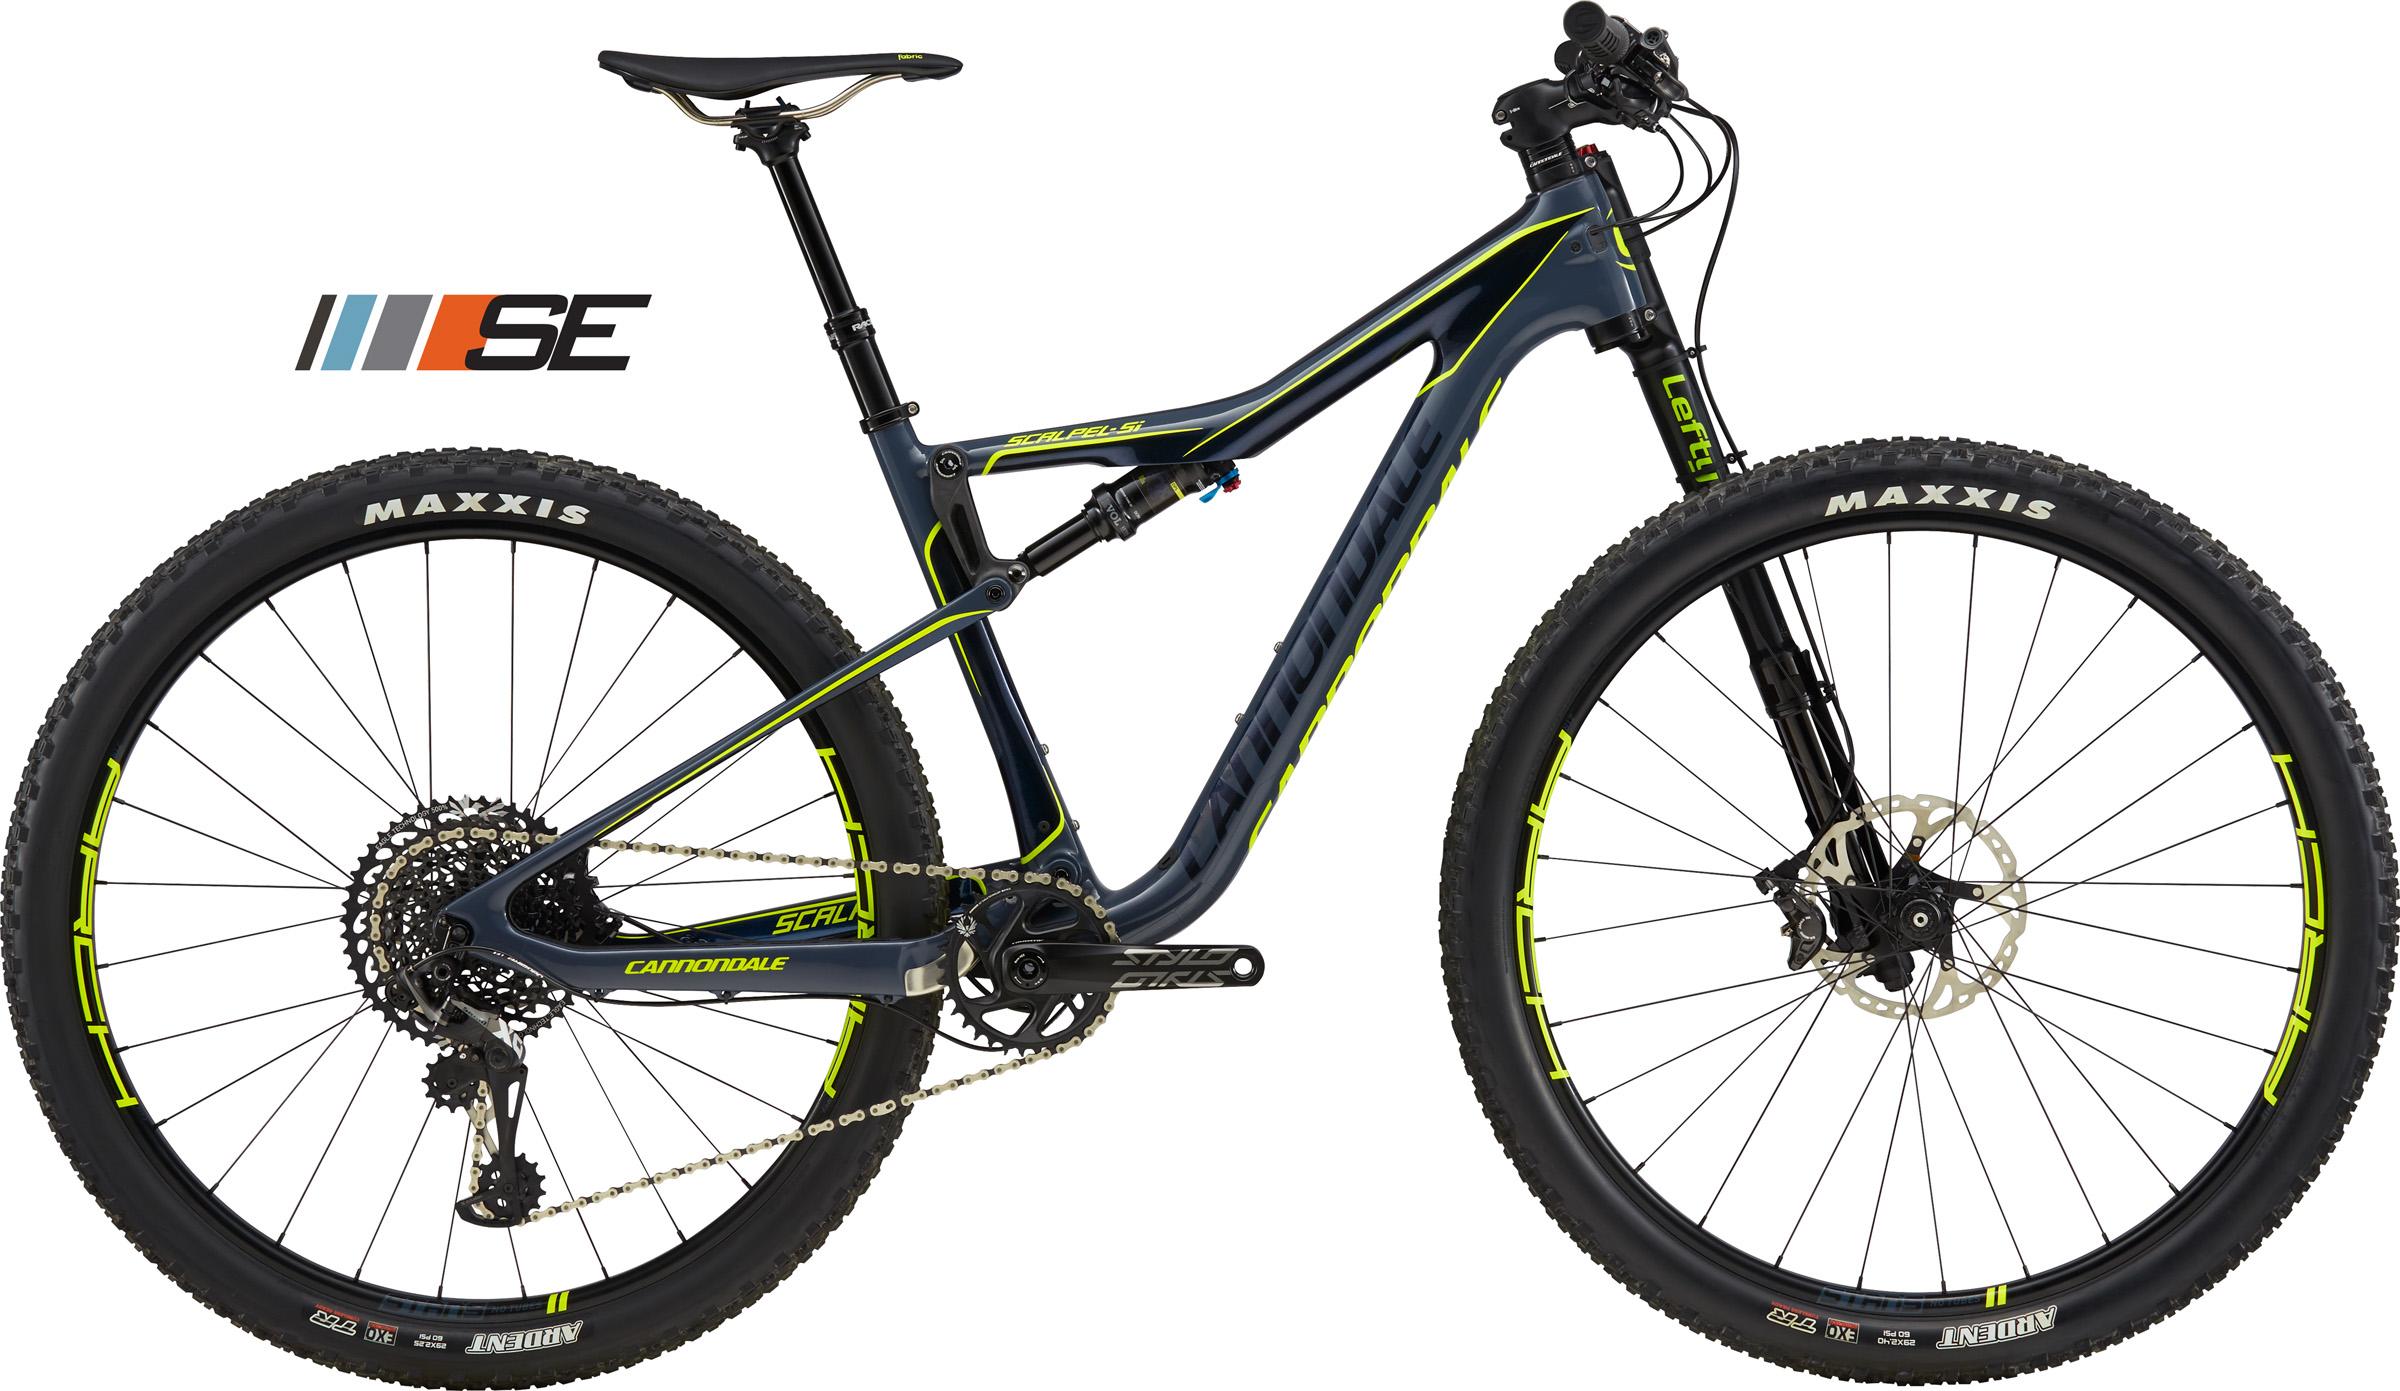 042dff5ca5c Cannondale Scalpel SE 1 - City Bikes